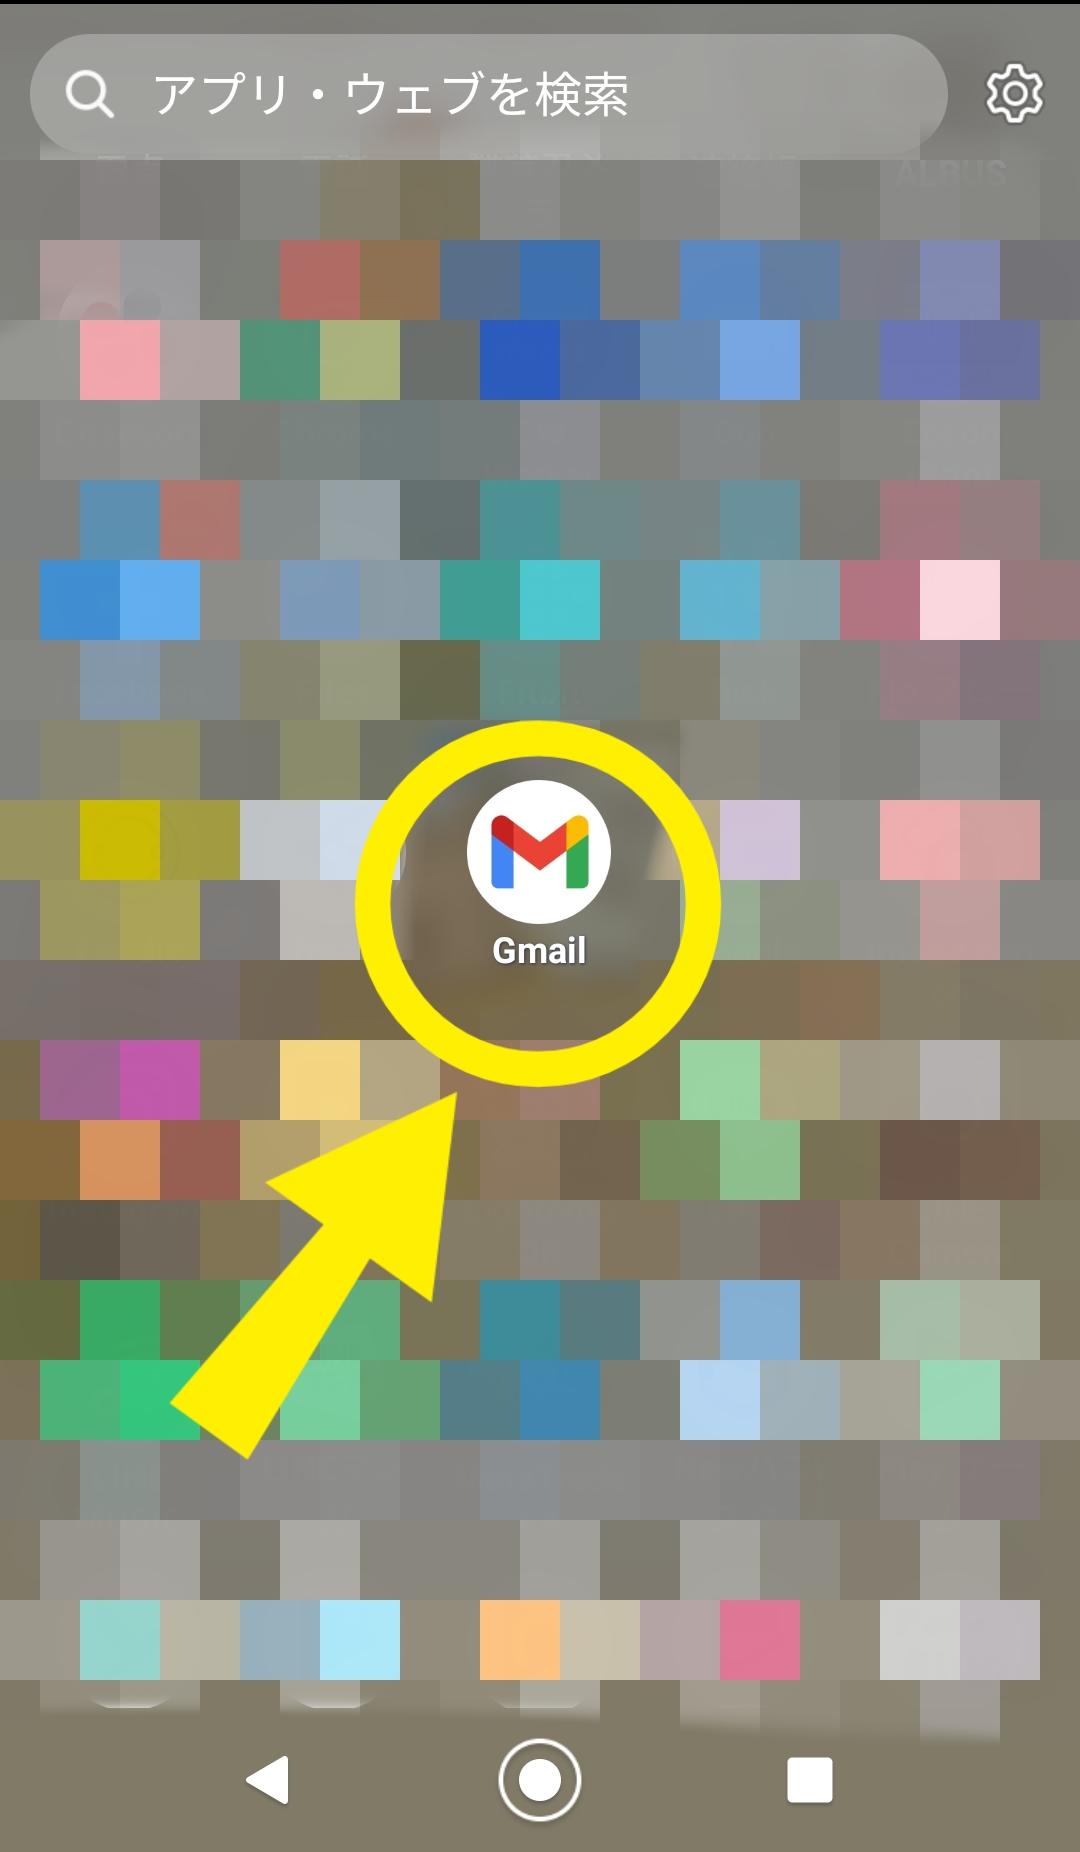 Gmail ホーム画面 スマホ アプリ タップ